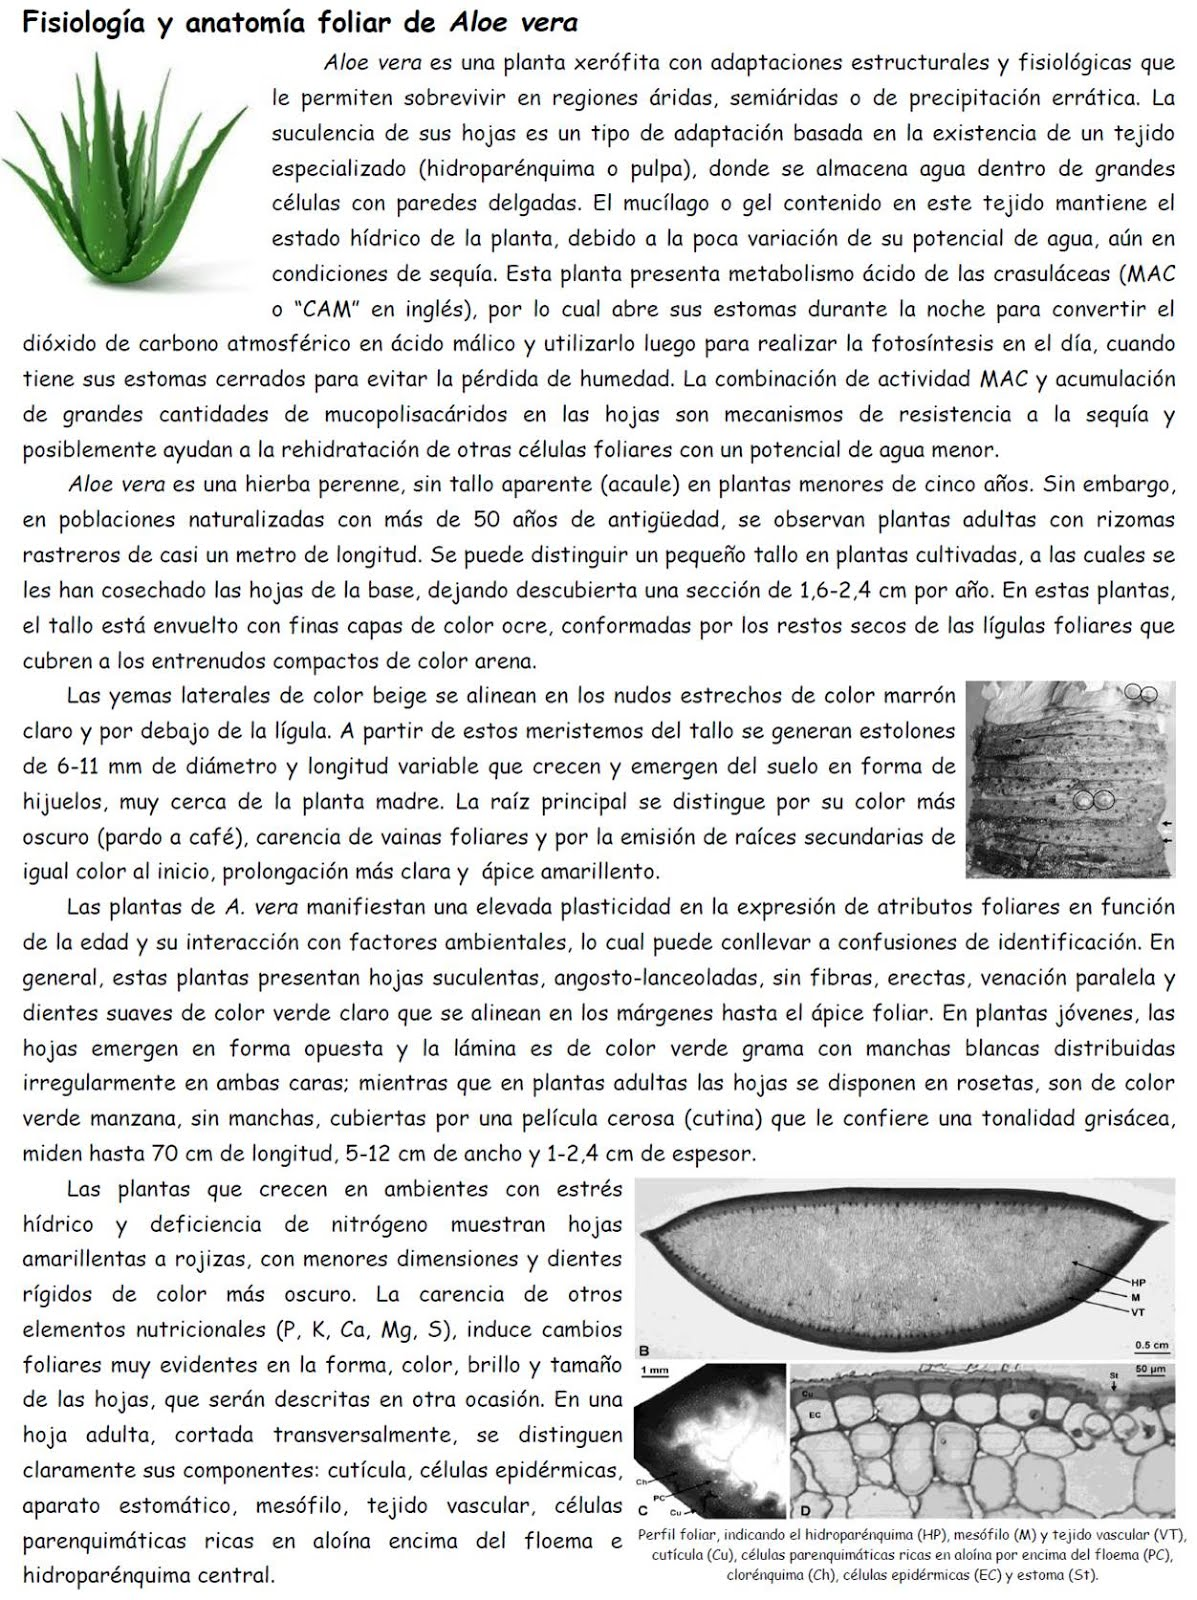 Fisiología & Anatomía Foliar de Aloe vera